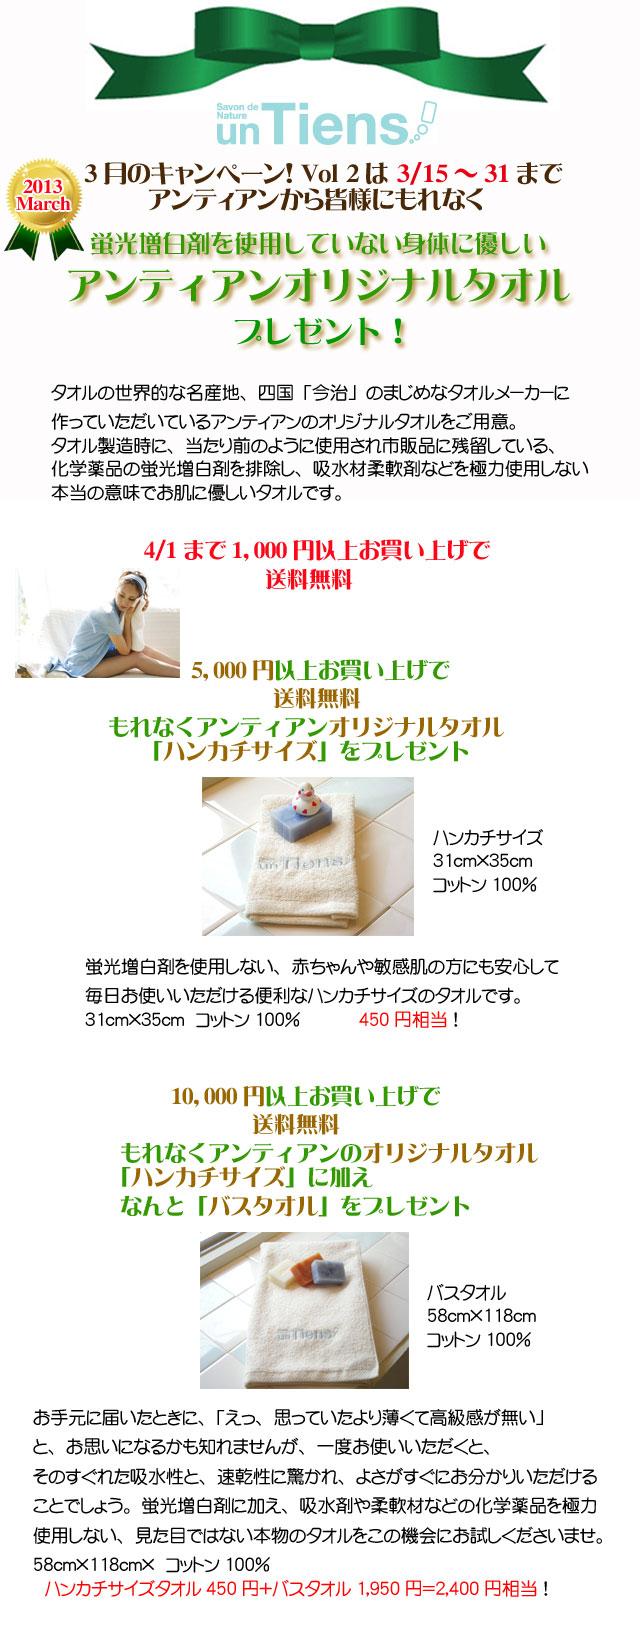 手作り石鹸アンティアン1303-2今月のキャンペーンtop